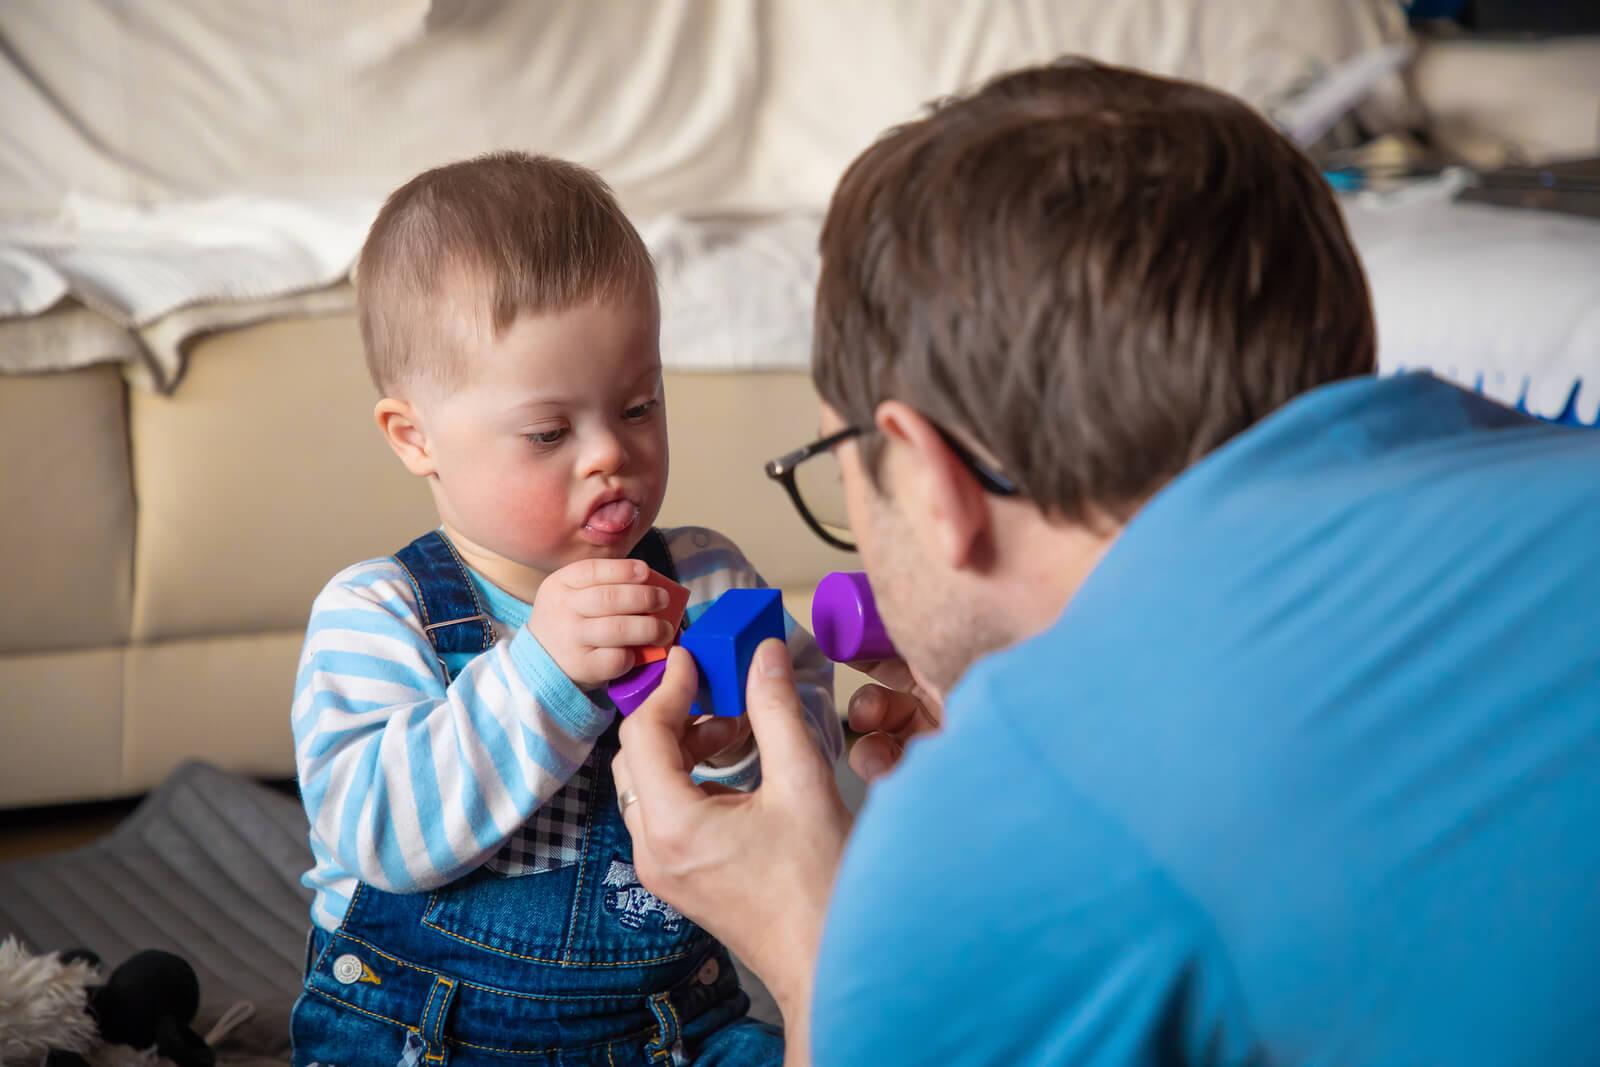 Padre jugando con su hijo con síndrome de Down.